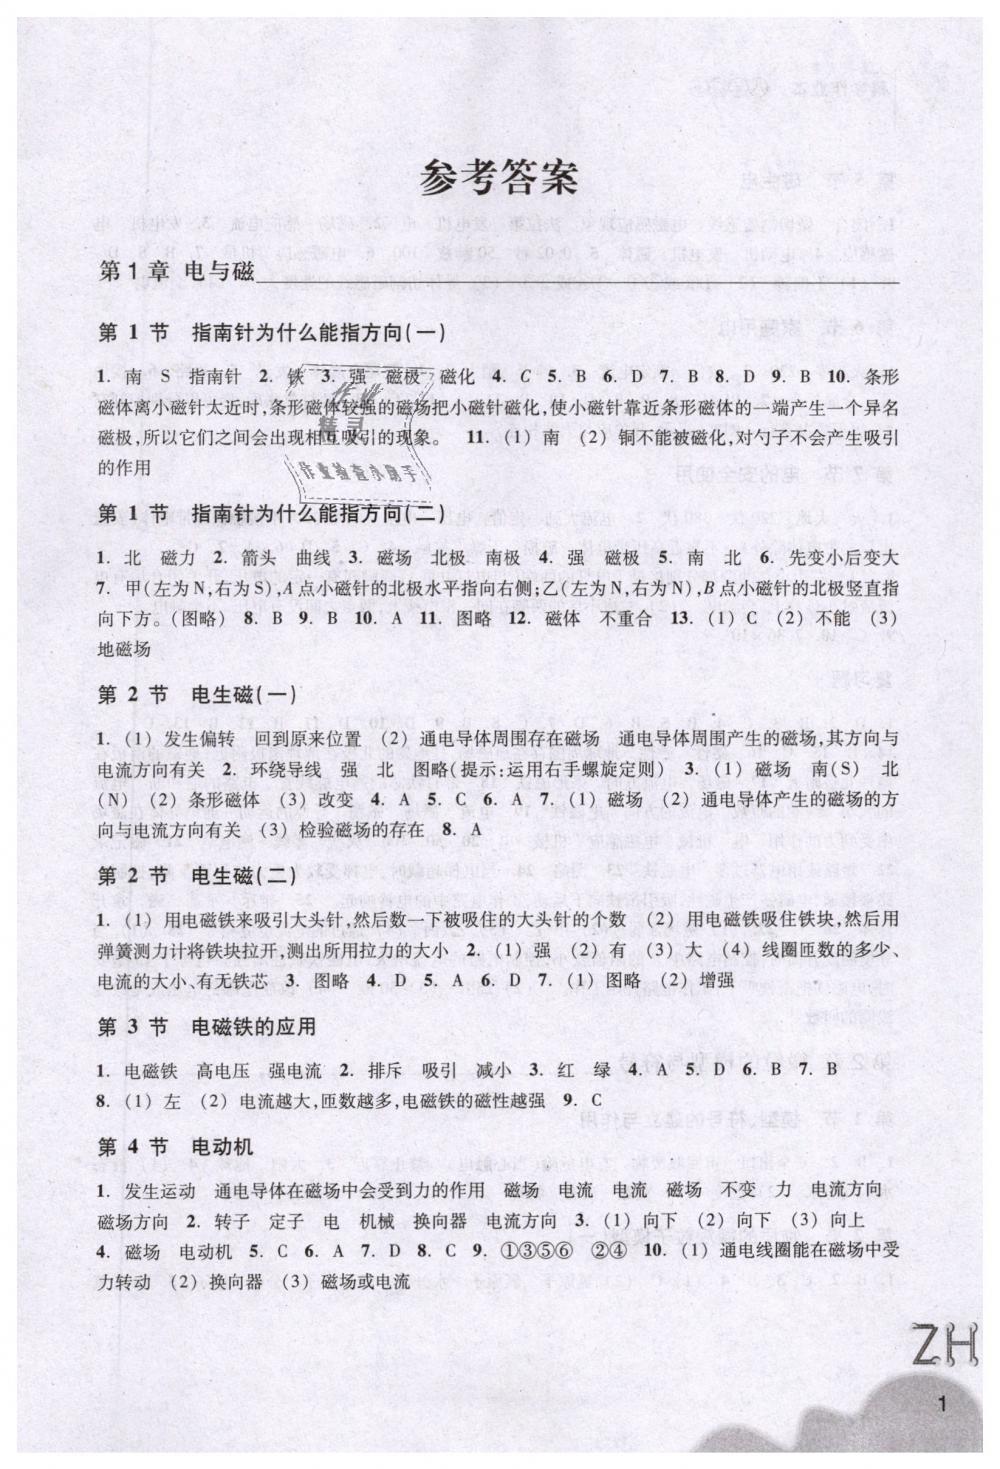 2019年作业本八年级科学下册浙教版浙江教育出版社第1页